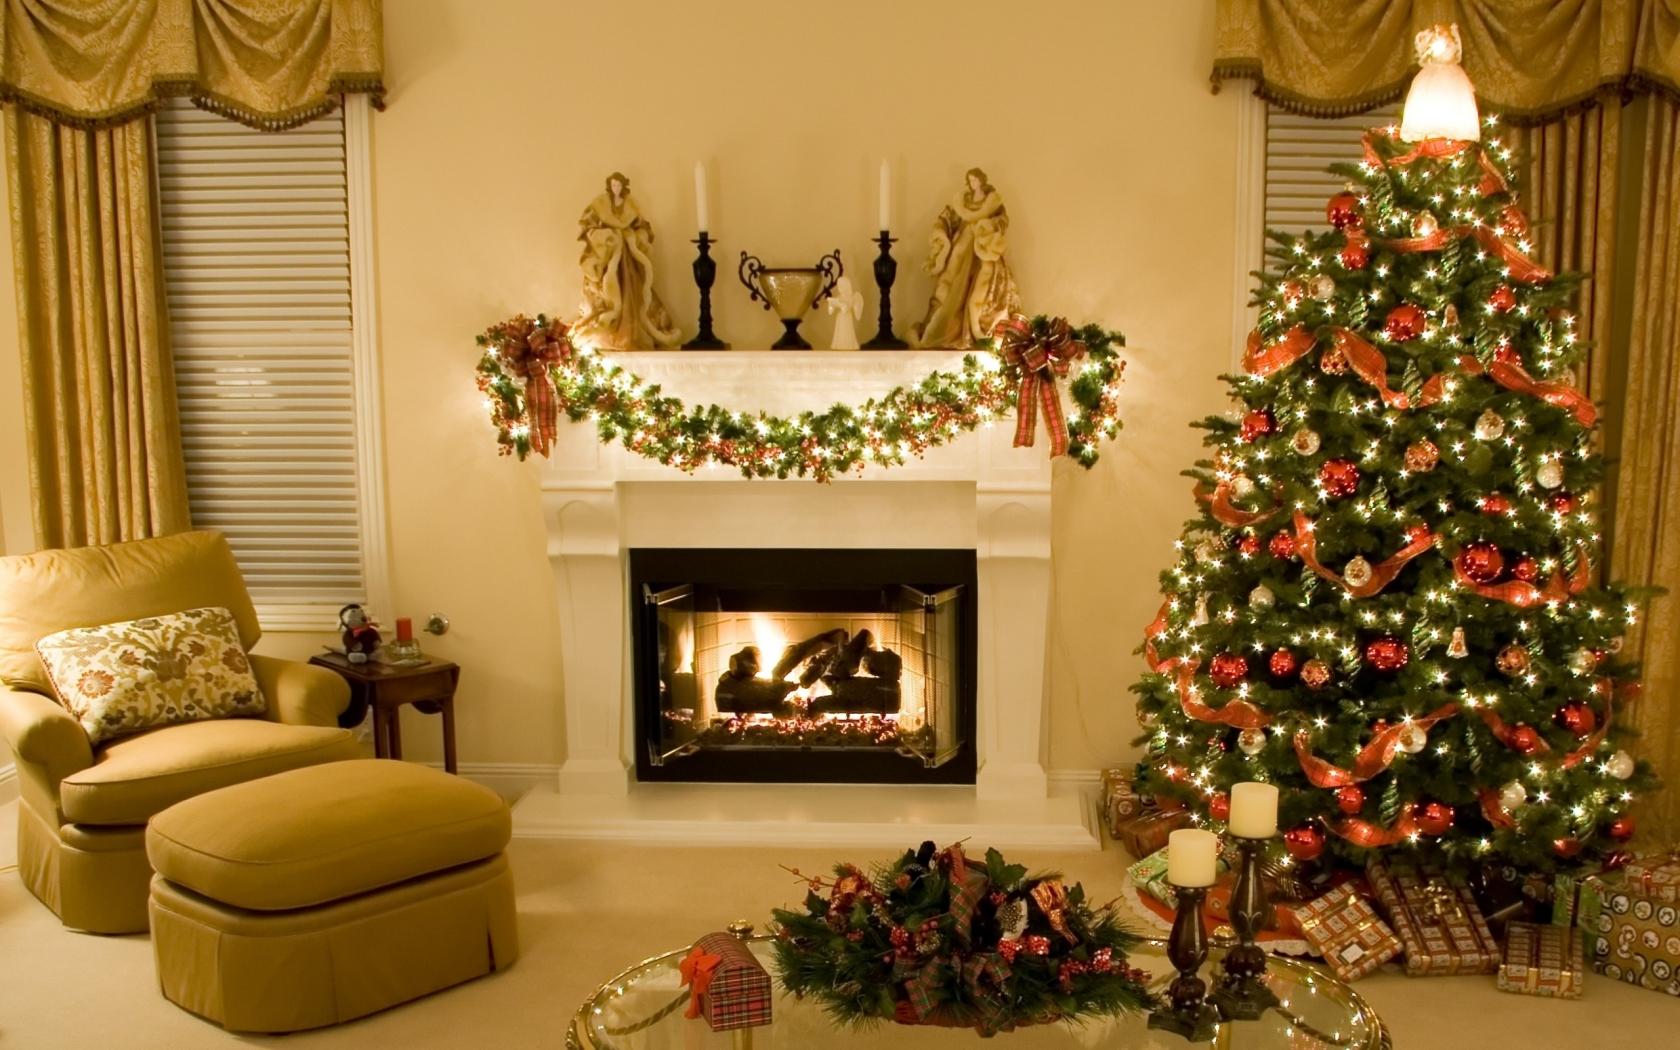 Arbol de navidad en casa hd 1680x1050 imagenes wallpapers gratis variados fondos de - Arbol de navidad en casa ...